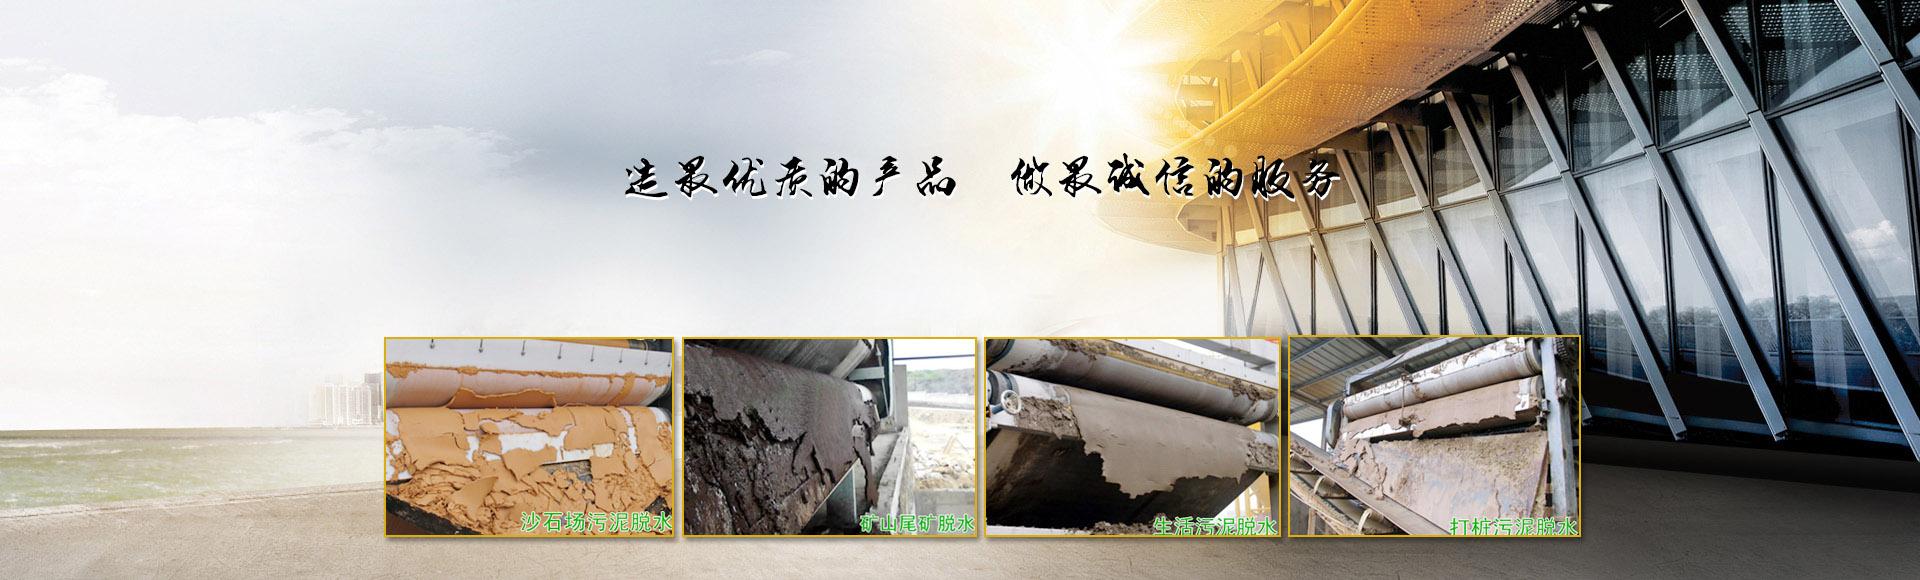 VOC废气治理设备 案例展示